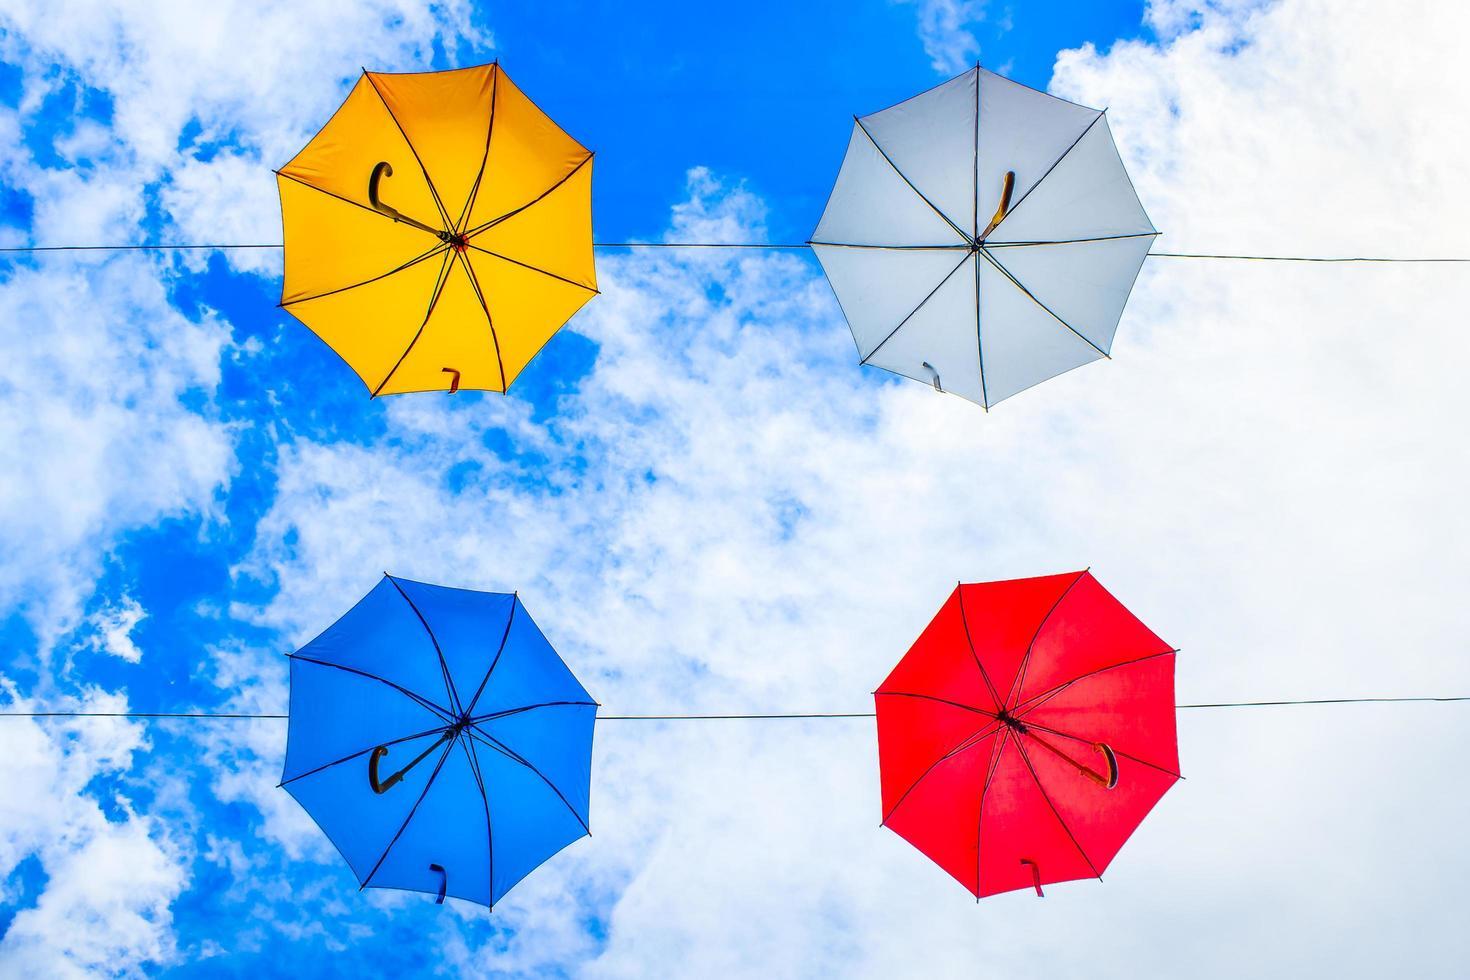 Cuatro sombrillas de varios colores colgadas de un cable bajo un cielo nublado foto